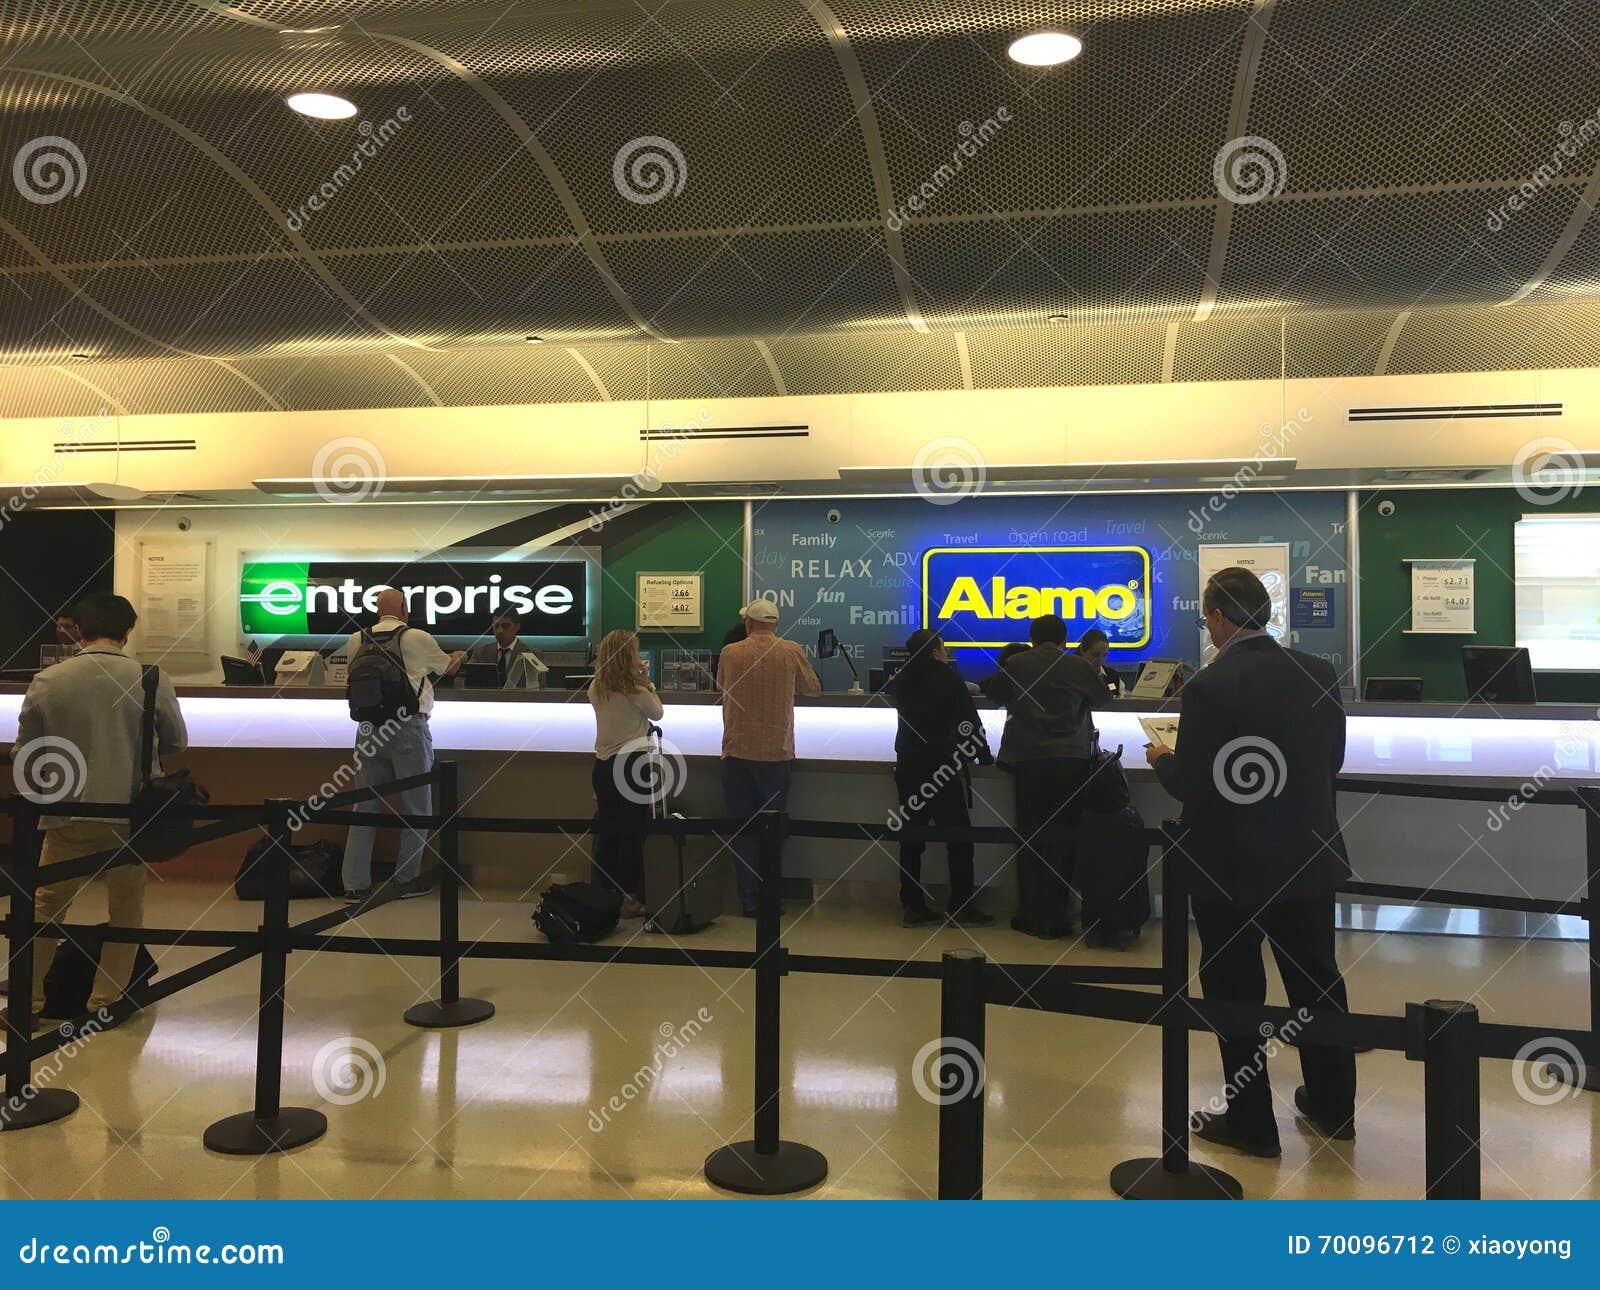 San Jose Dollar Rent Car Airport